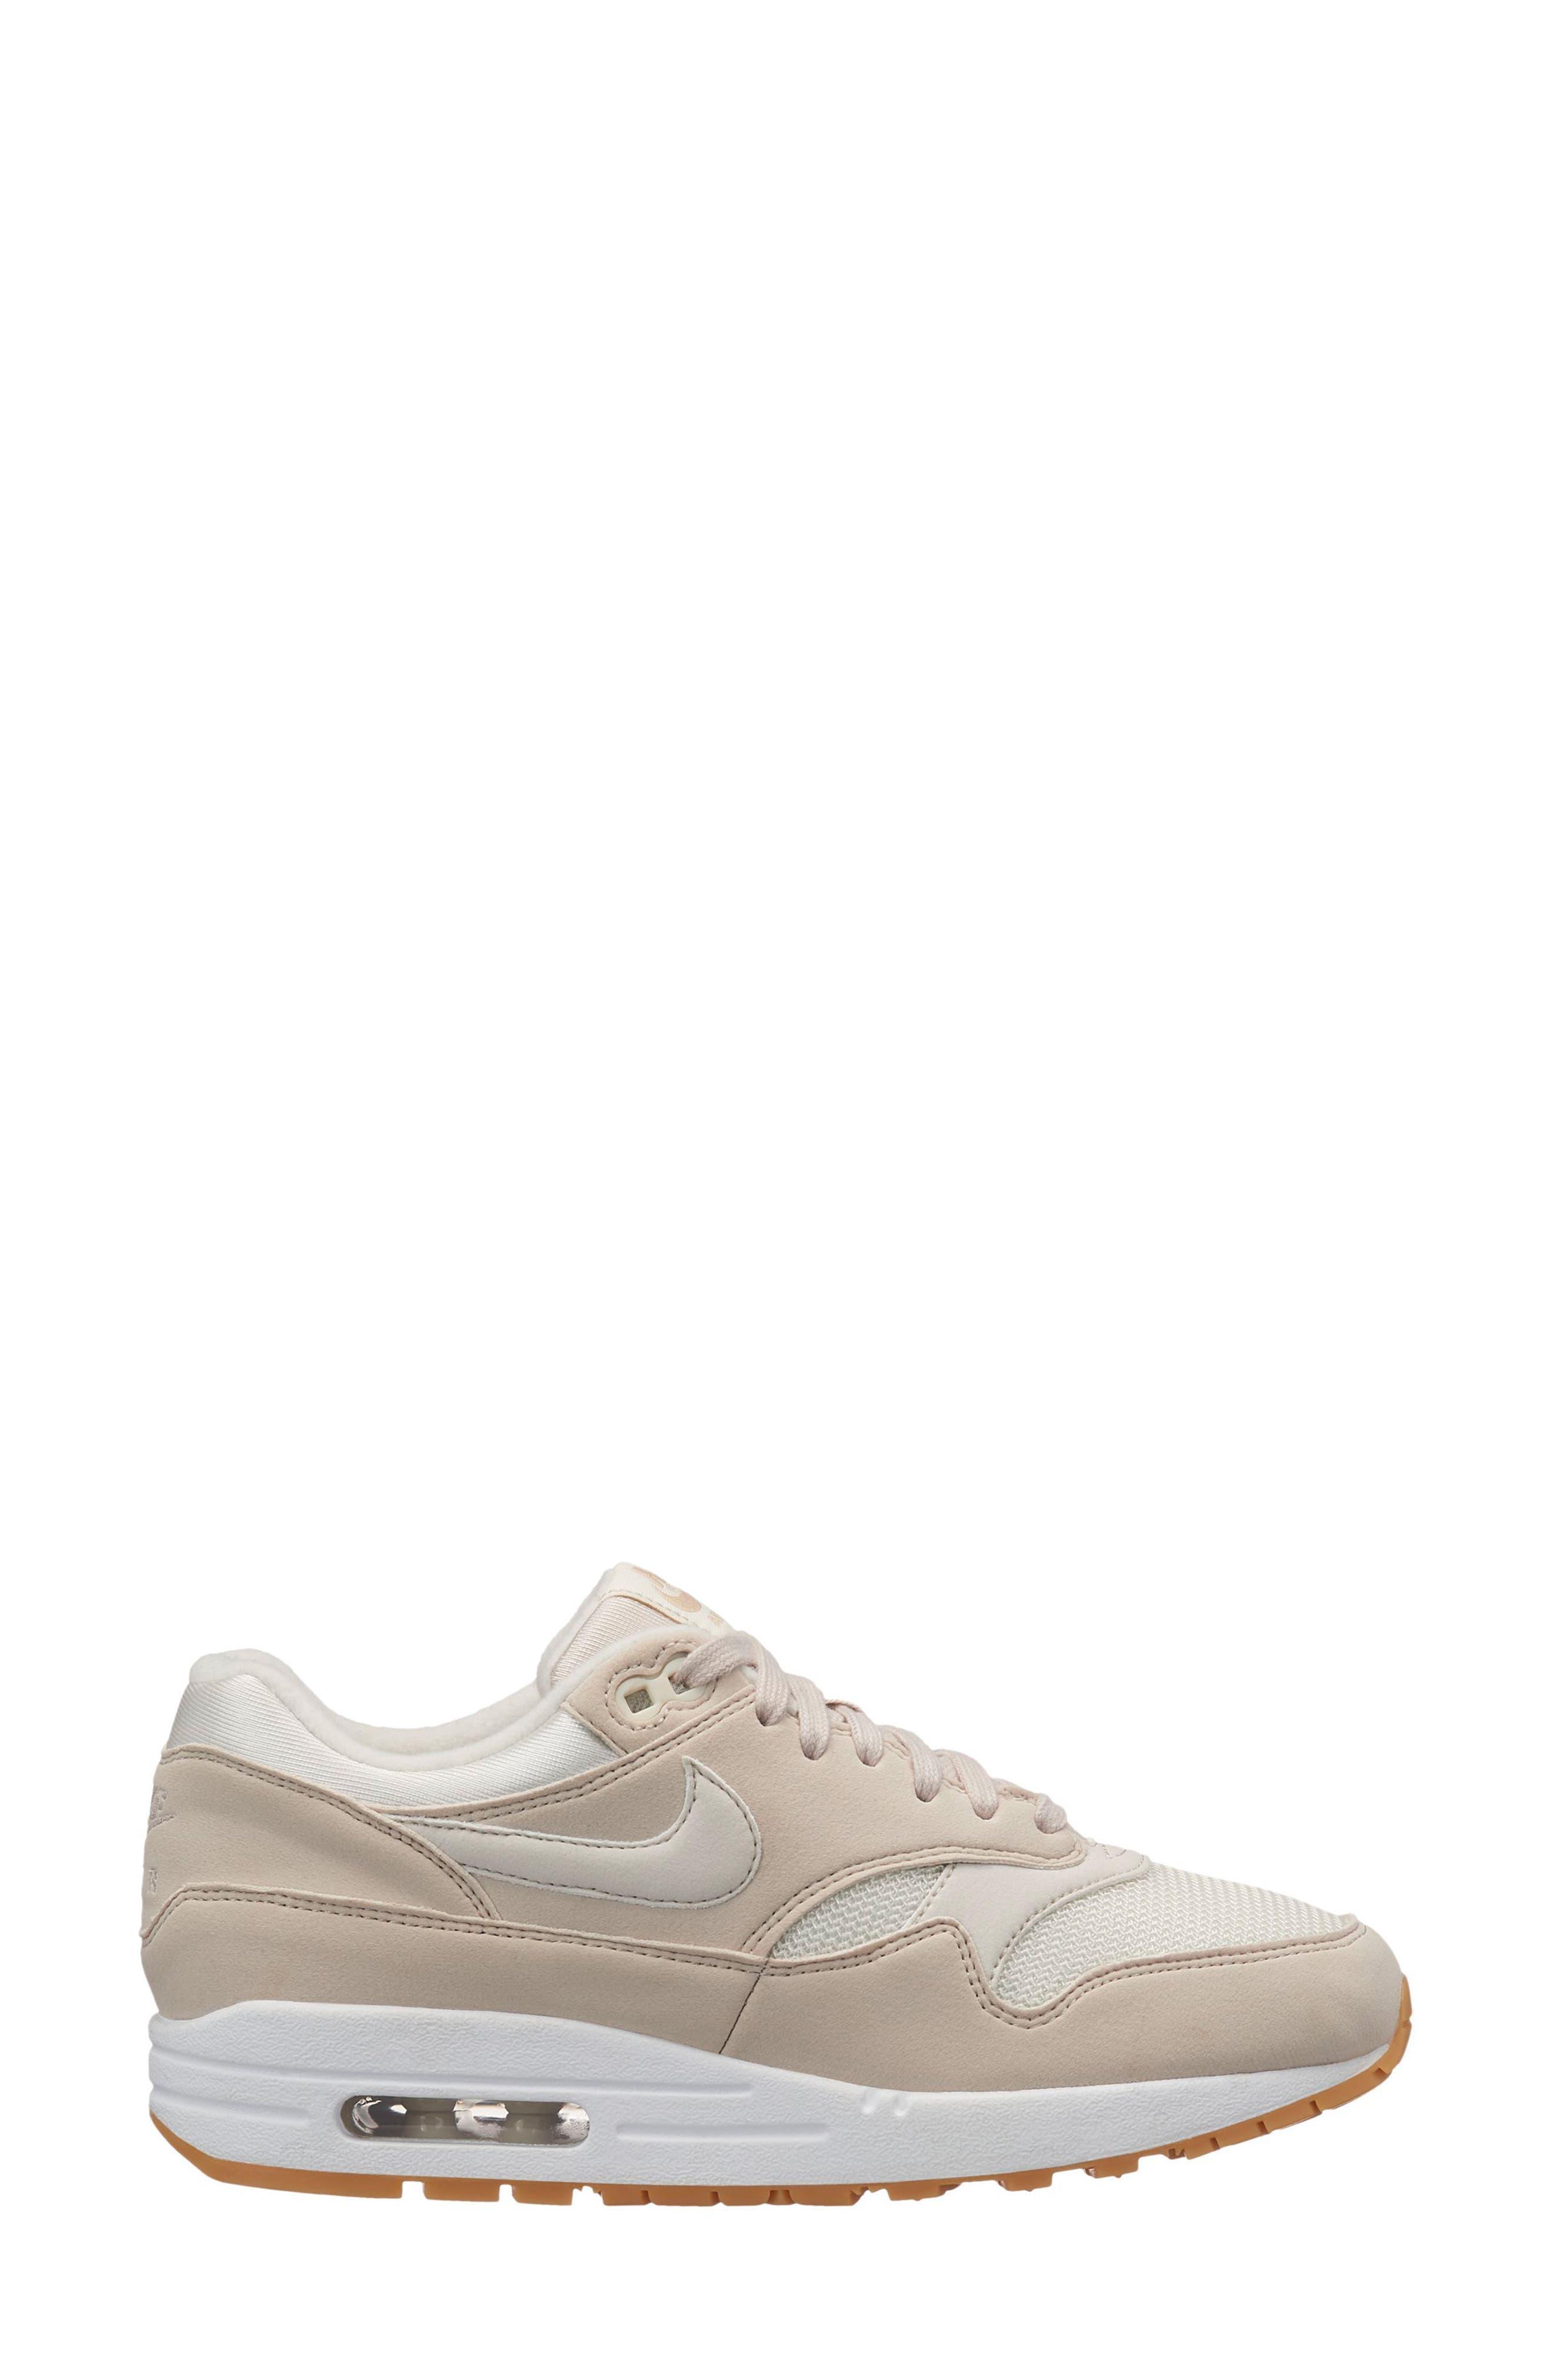 Air Max 1 Sneaker,                             Alternate thumbnail 6, color,                             DESERT SAND